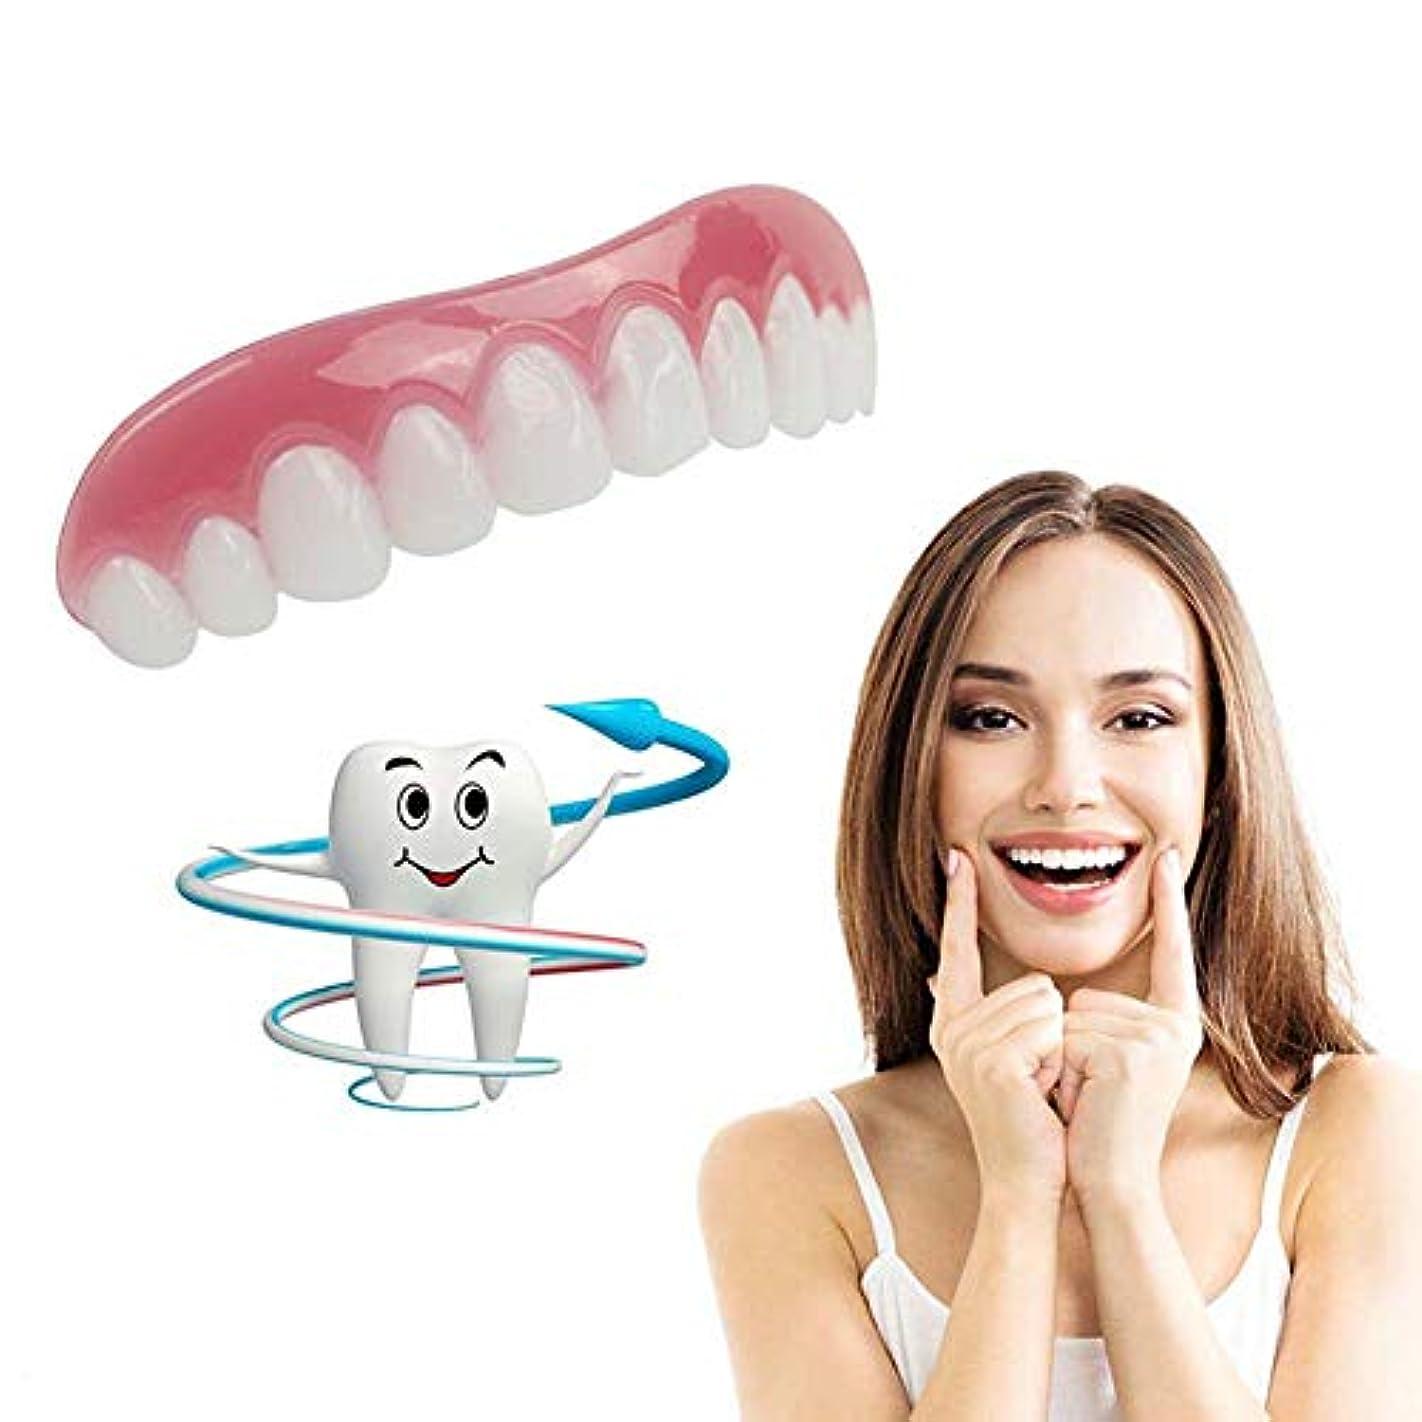 レース明らか作業化粧品の歯、超快適、快適なフィット感、白い歯をきれいにするための快適なフィットフレックス歯ソケット、快適なフィット感、3セット